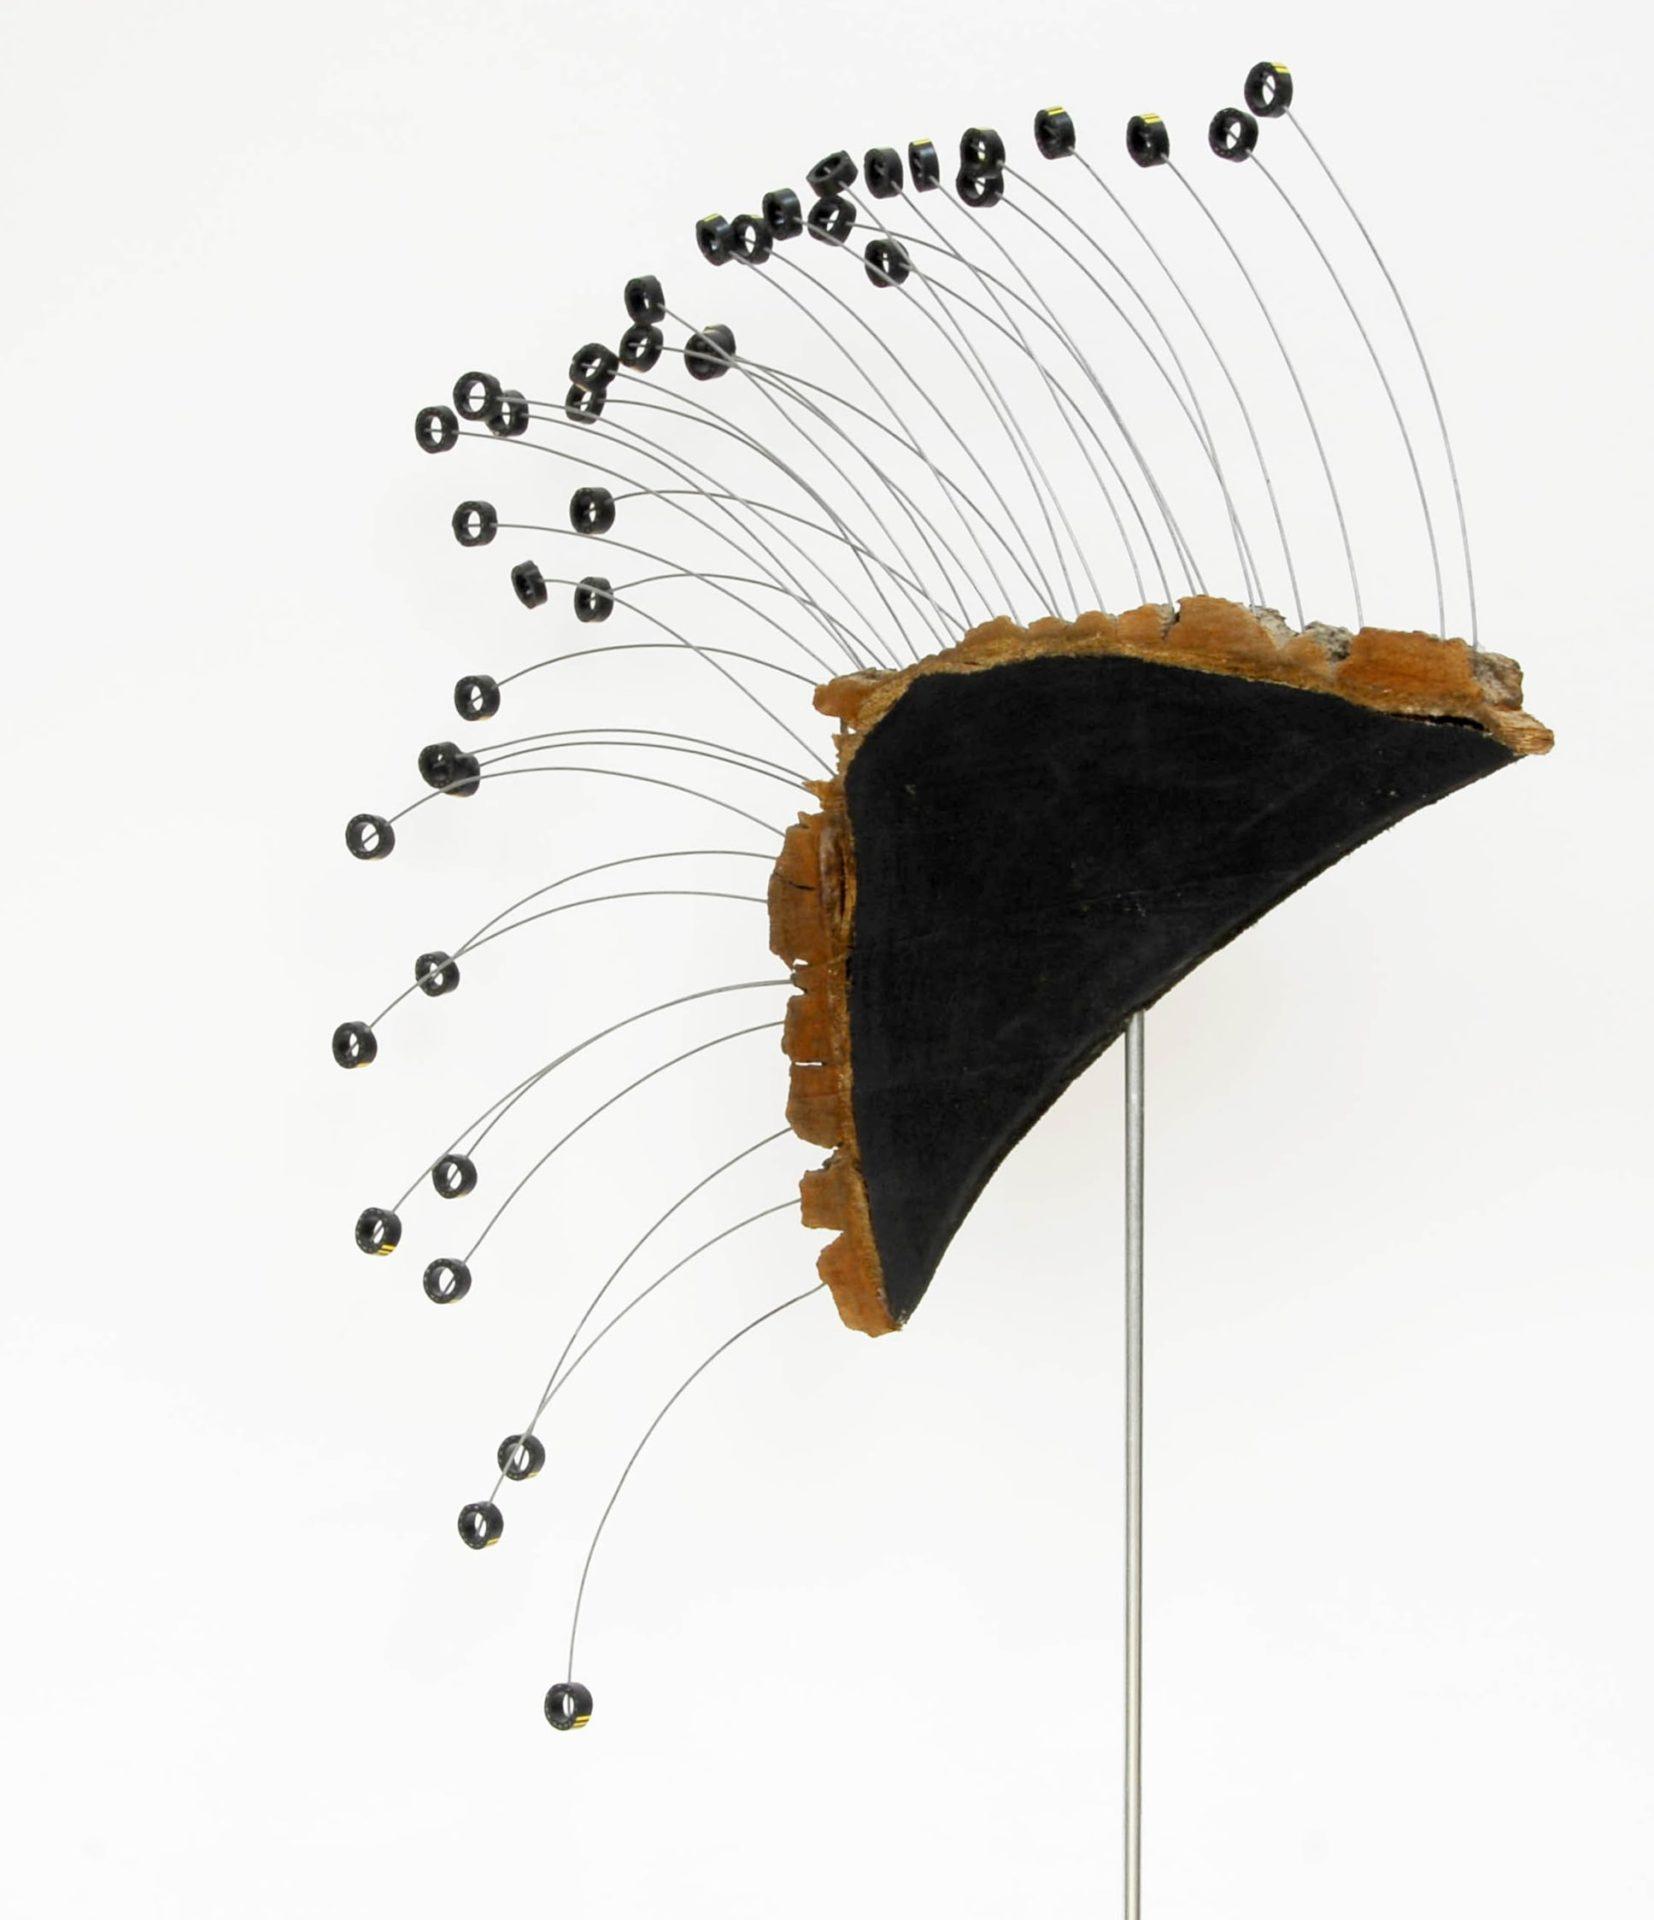 Objekt 0,50 x 0,50m – Holzkeil / Draht / Gummiringe (2013)